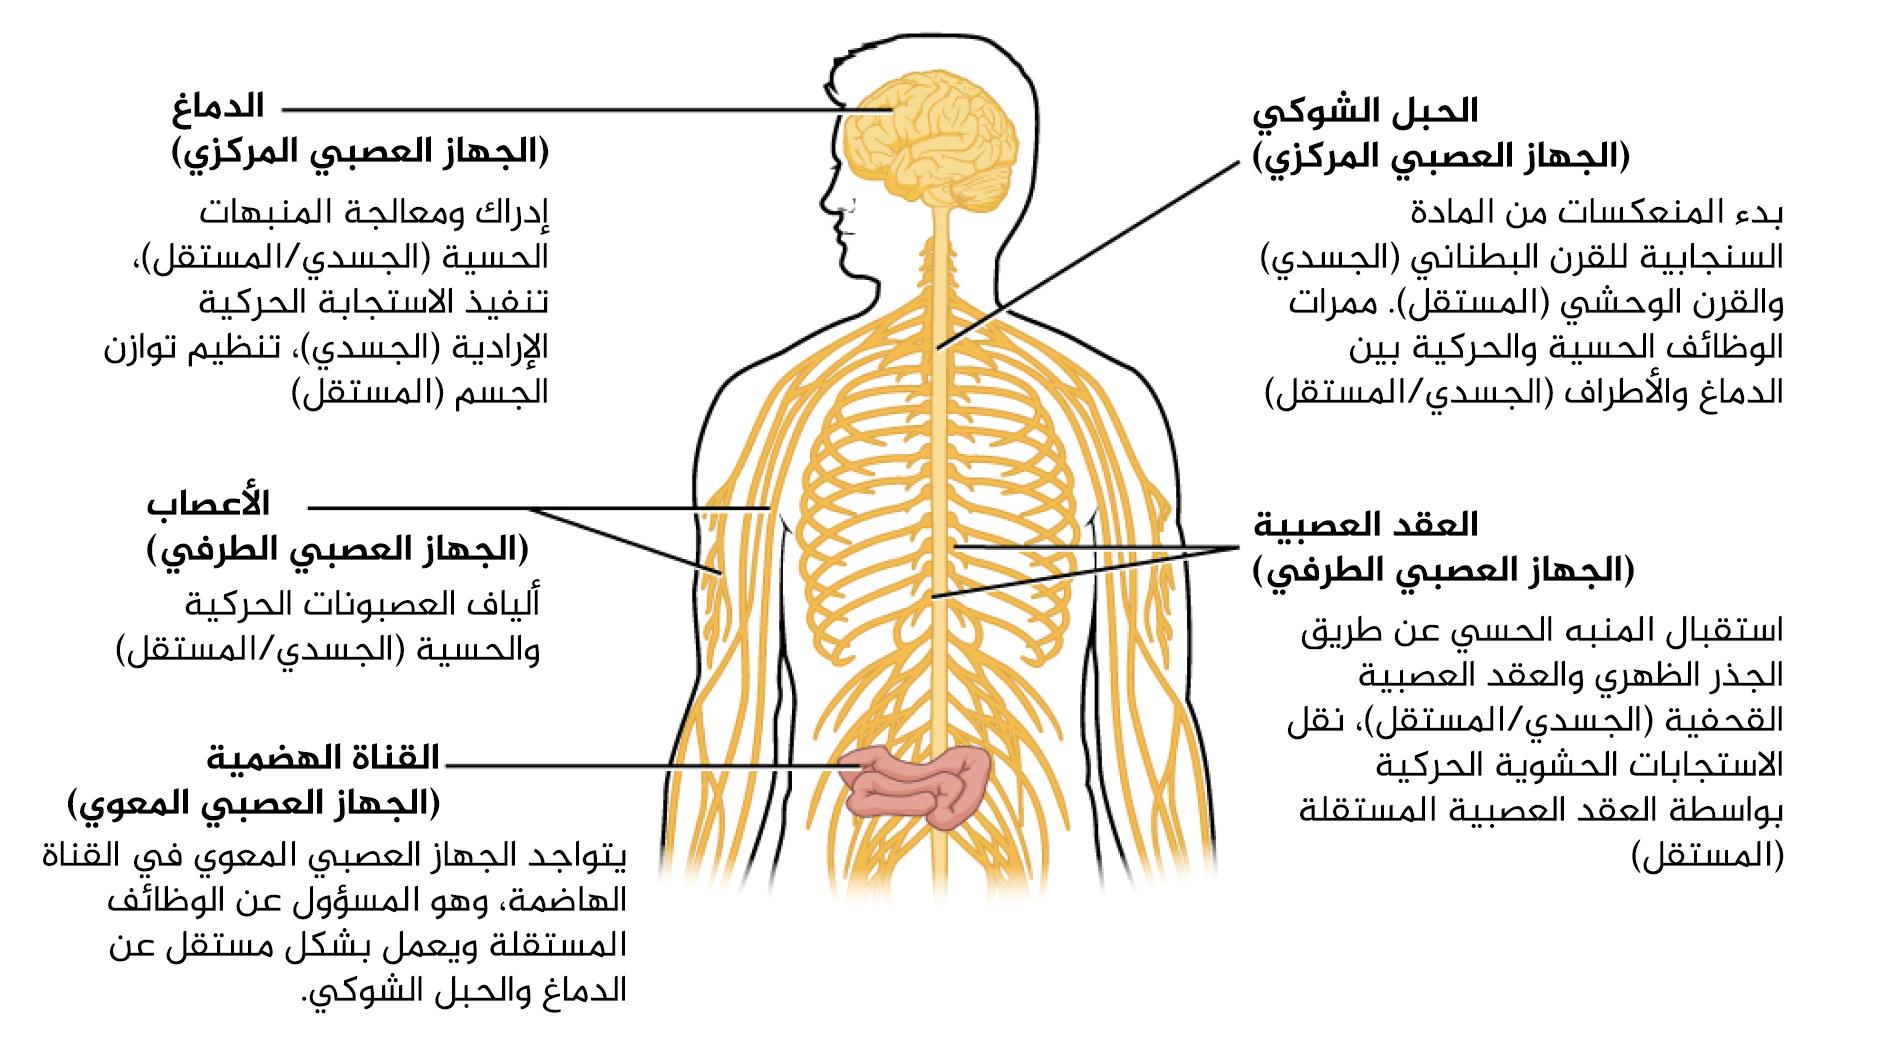 البنى الجسمية، والمستقلة، المعوية للجهاز العصبي. تشمل البنى الجسمية  الأعصابَ الشوكية بأليافها الحركية